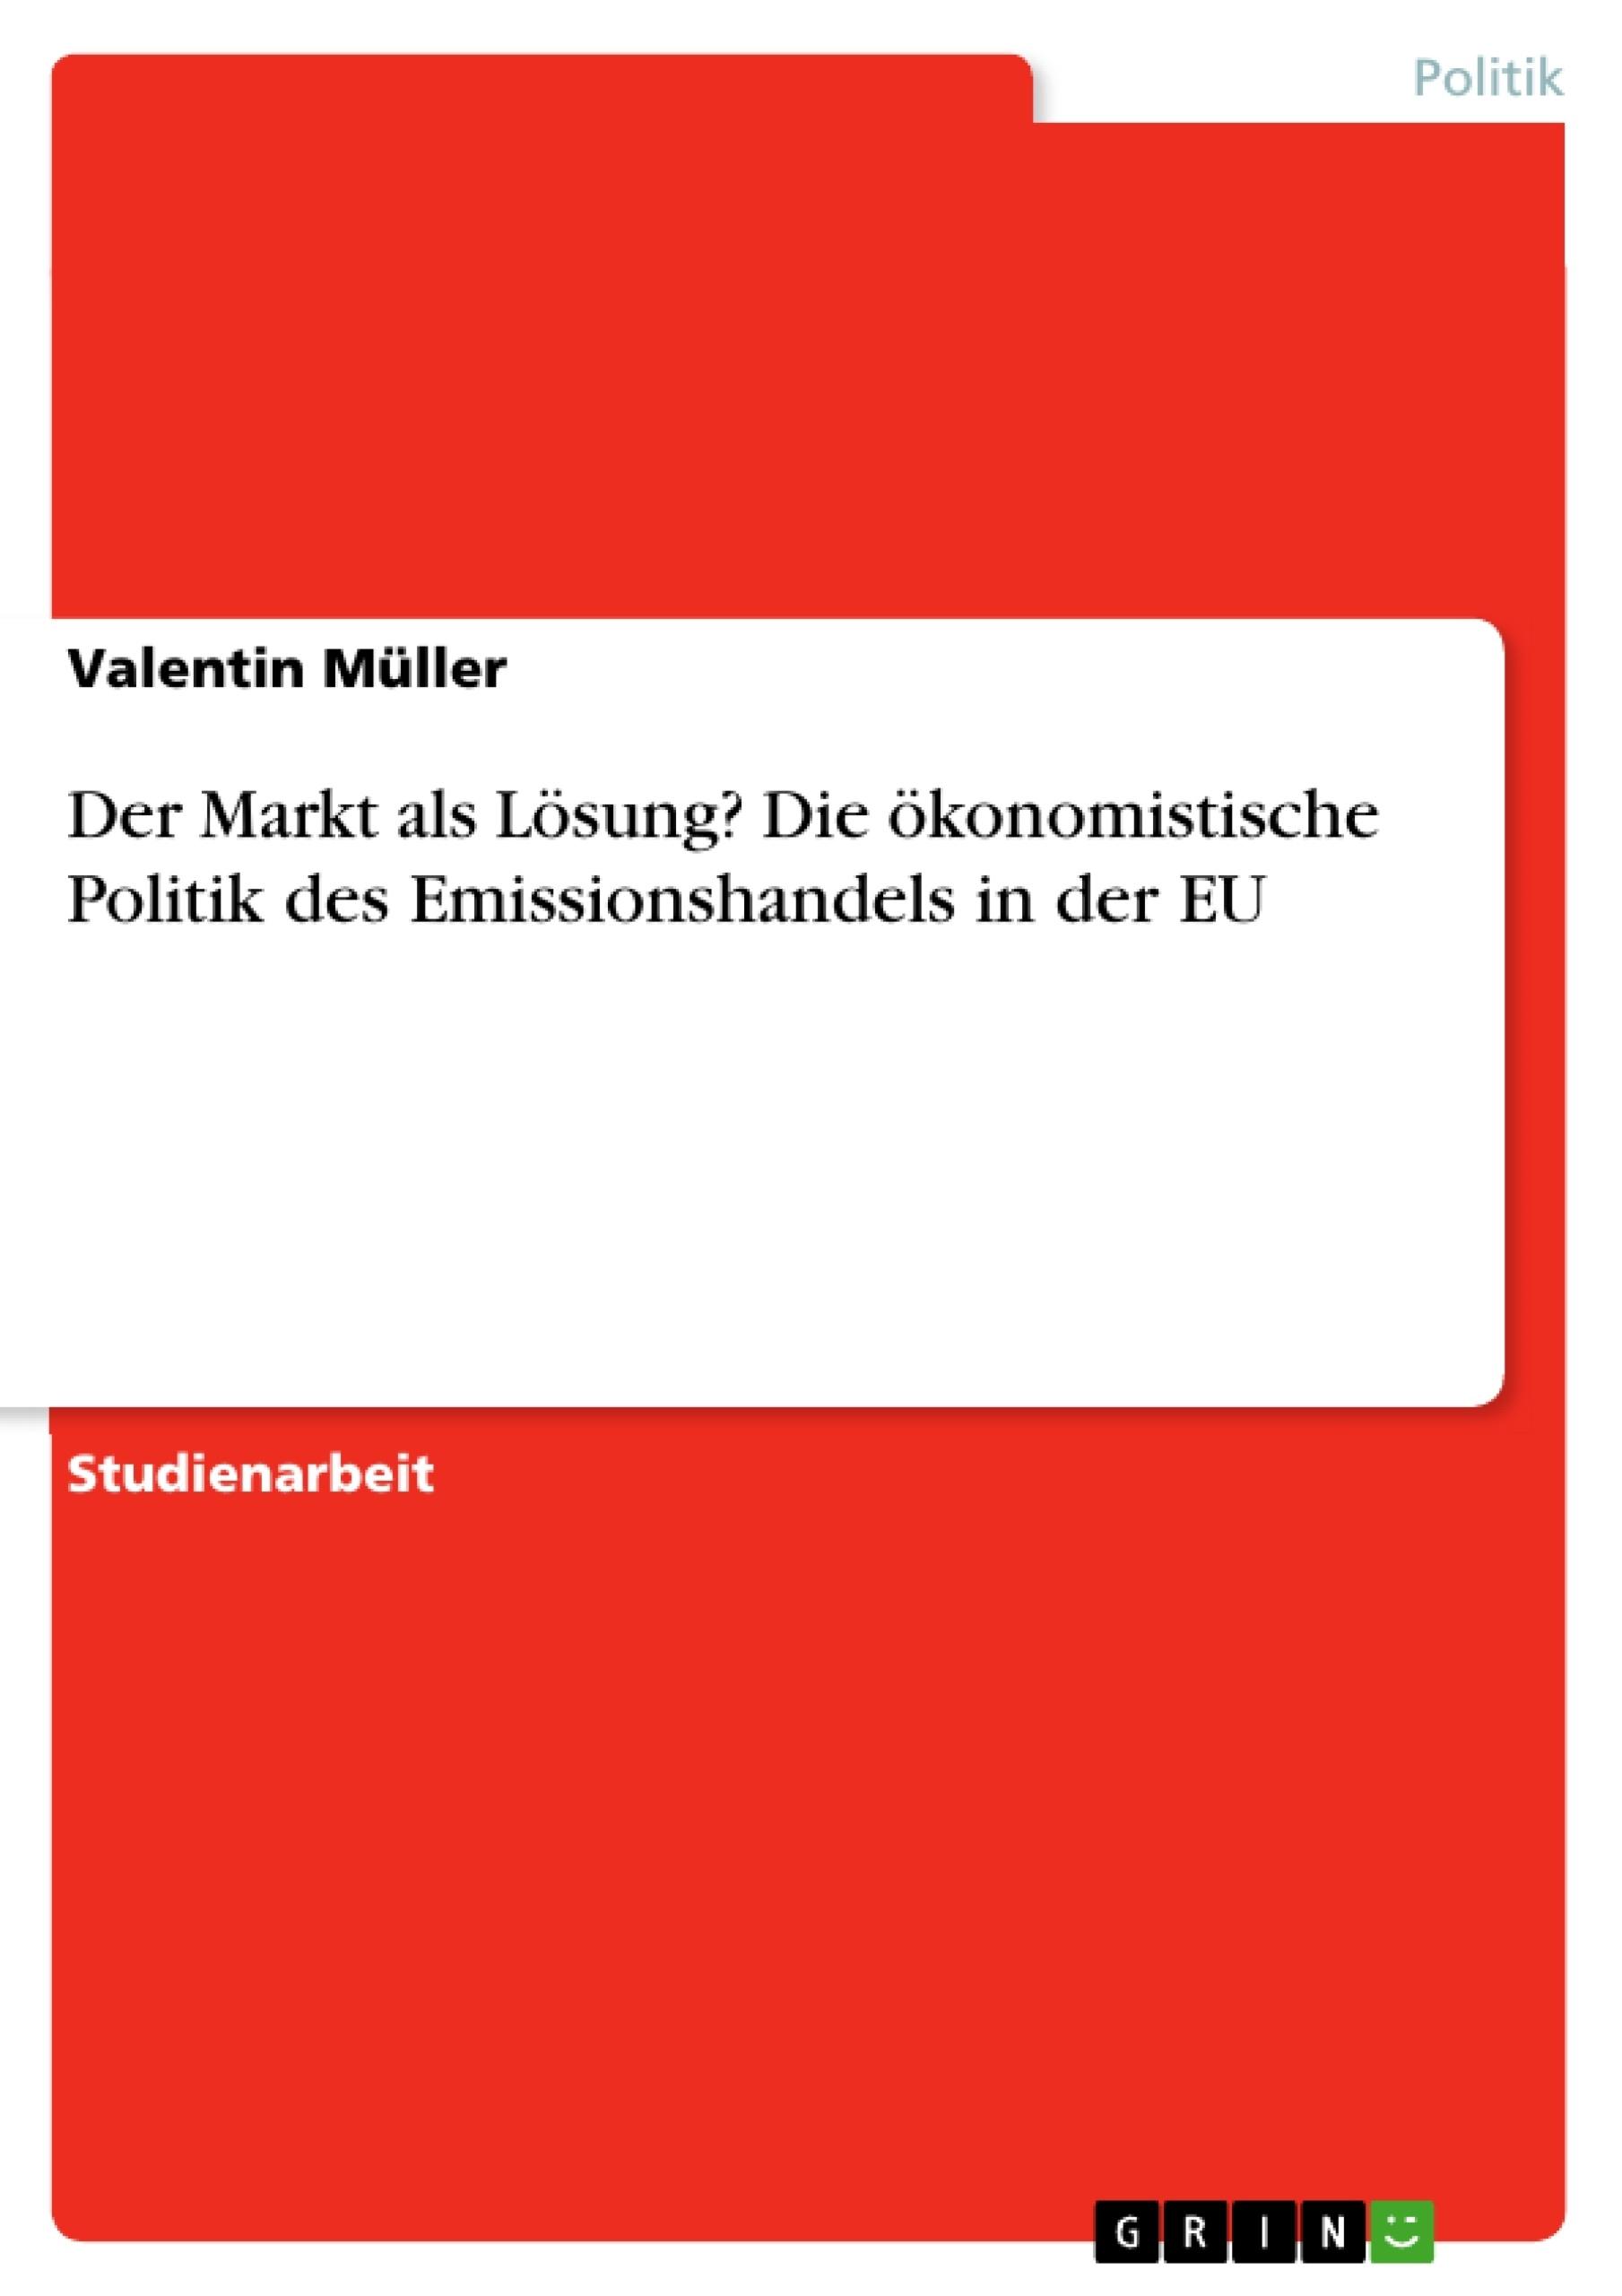 Titel: Der Markt als Lösung? Die ökonomistische Politik des Emissionshandels in der EU